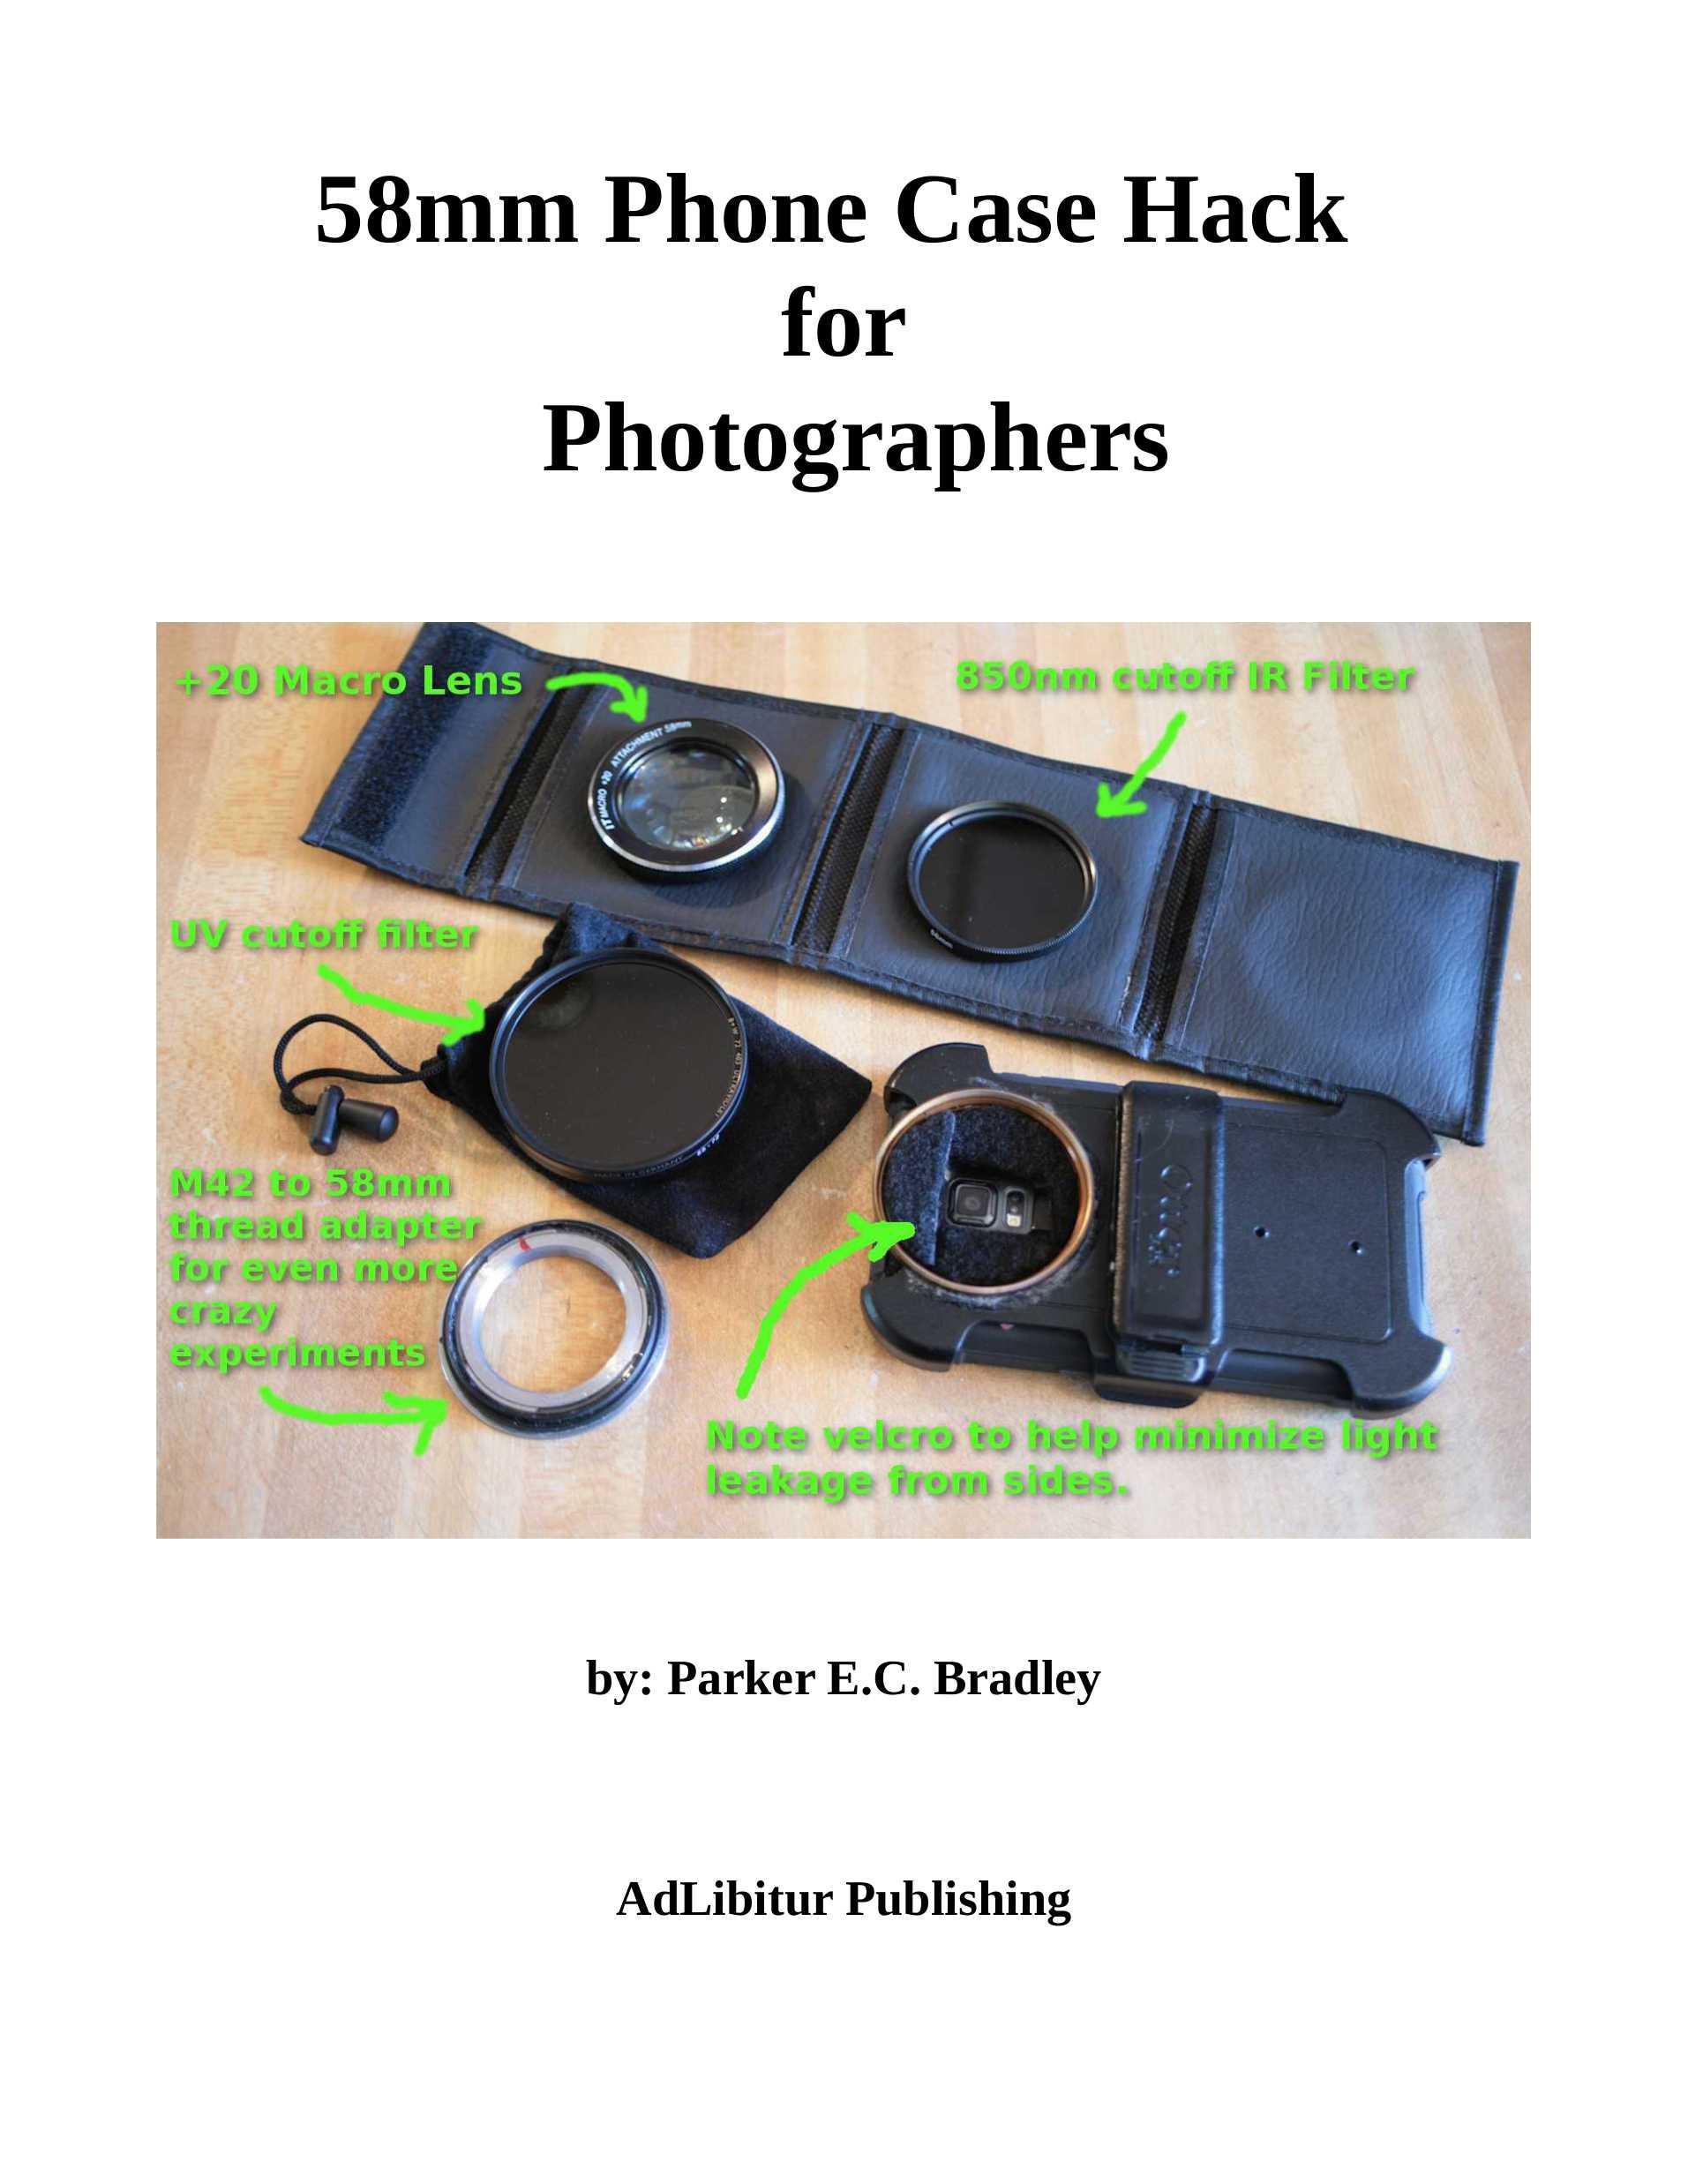 Cover2-58mmPhoneCaseHack_0.jpg